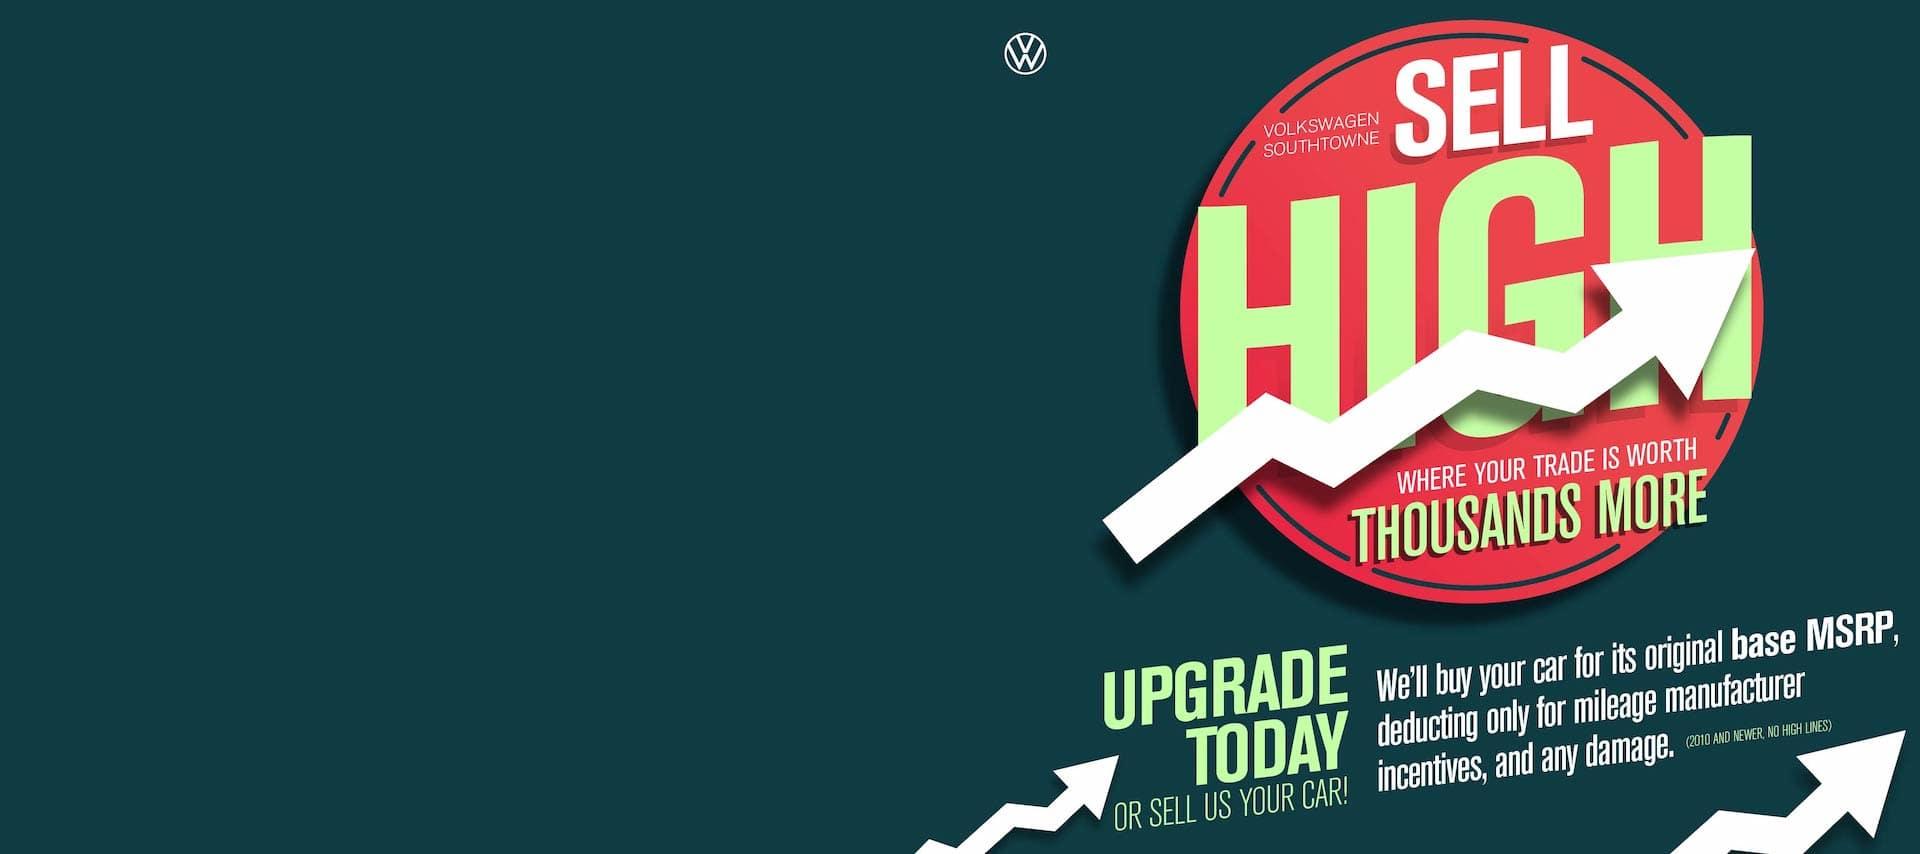 June21 ST Sell High Generic_Slider_Hero